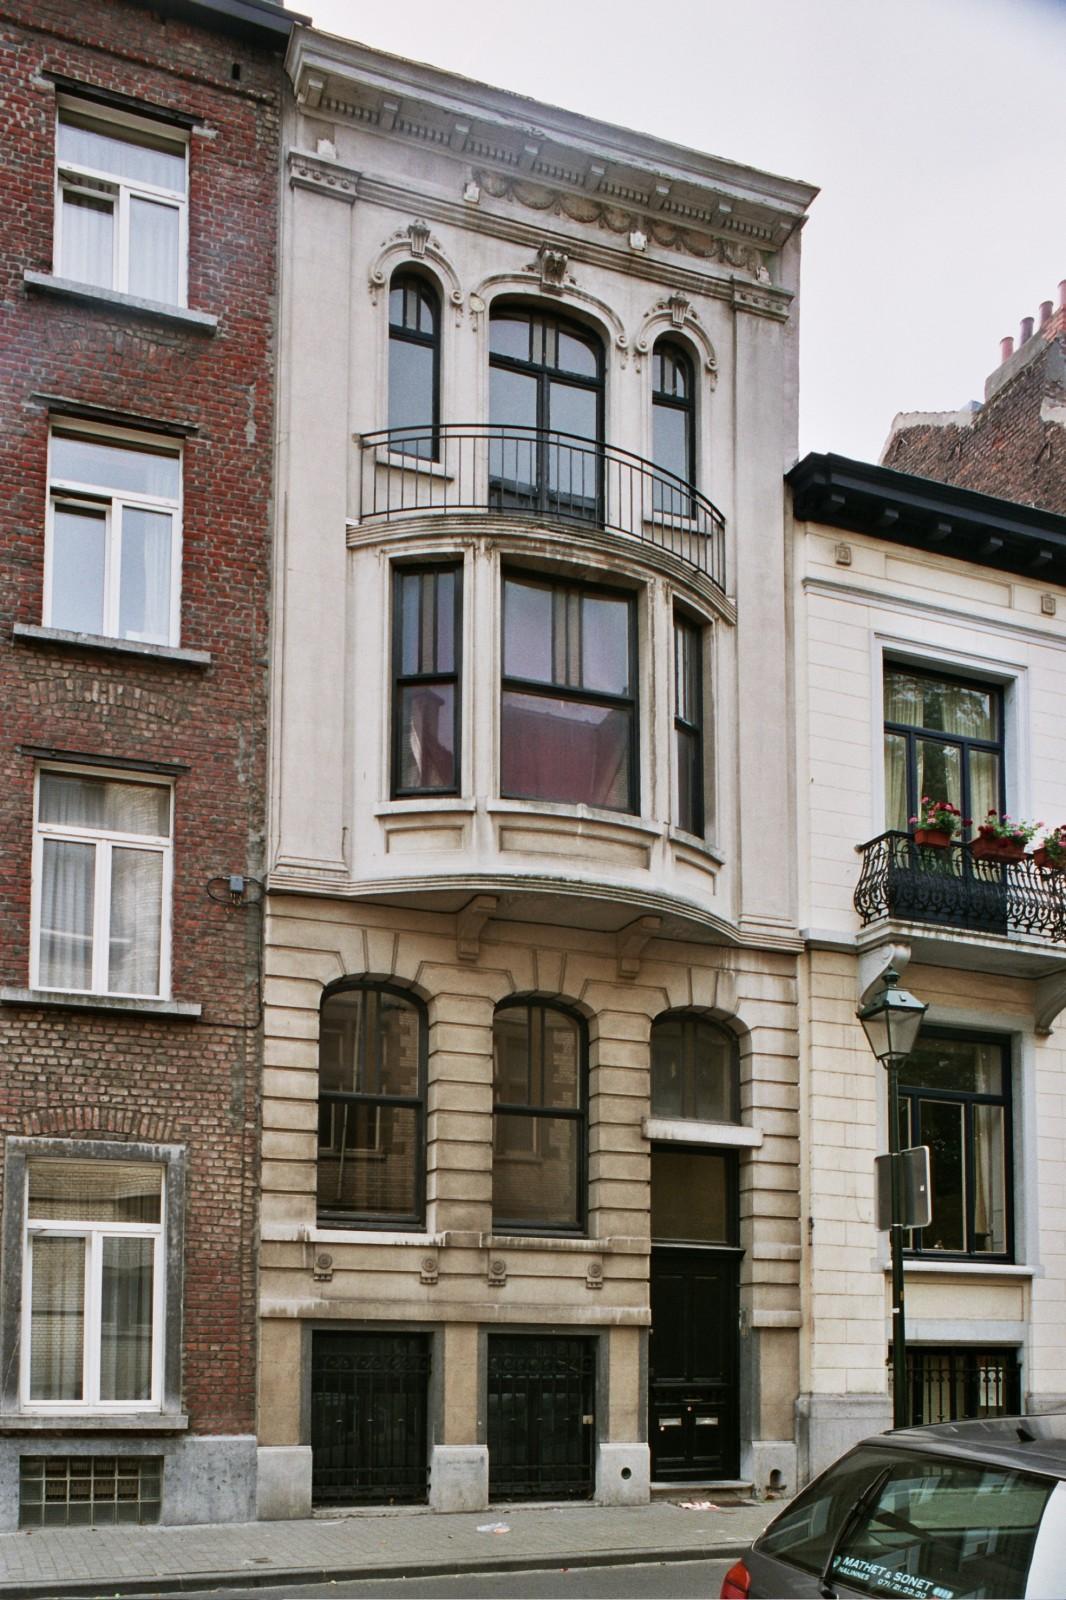 Saint gilles rue de parme 66 costermans joseph for Rue de parme